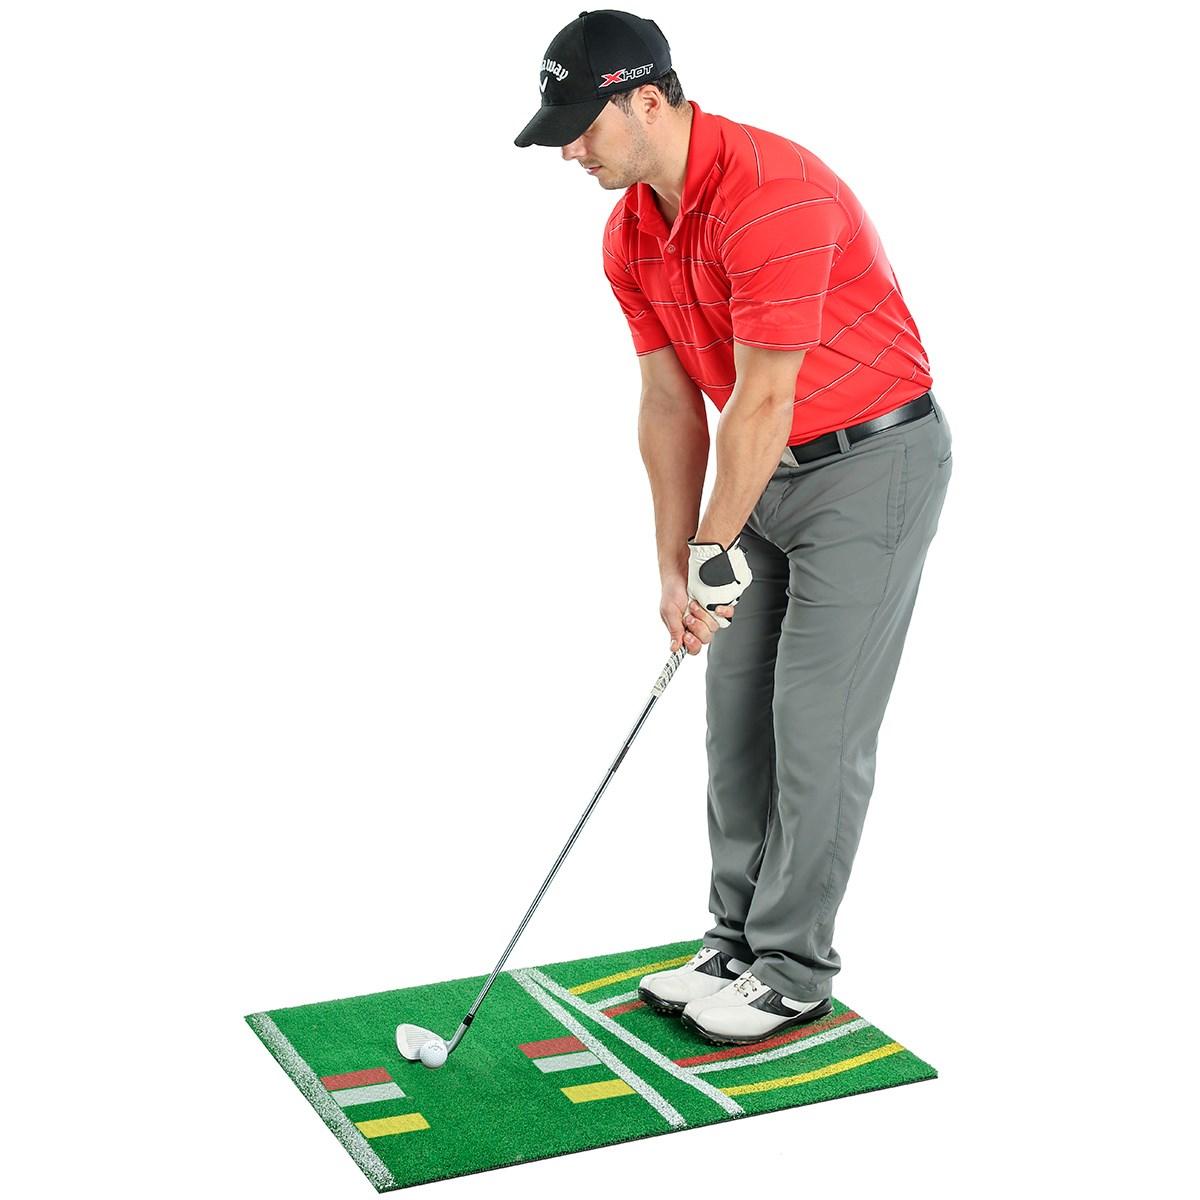 キャロウェイゴルフ Callaway Golf ピュアピッチ ヒッティングマット グリーン メンズ